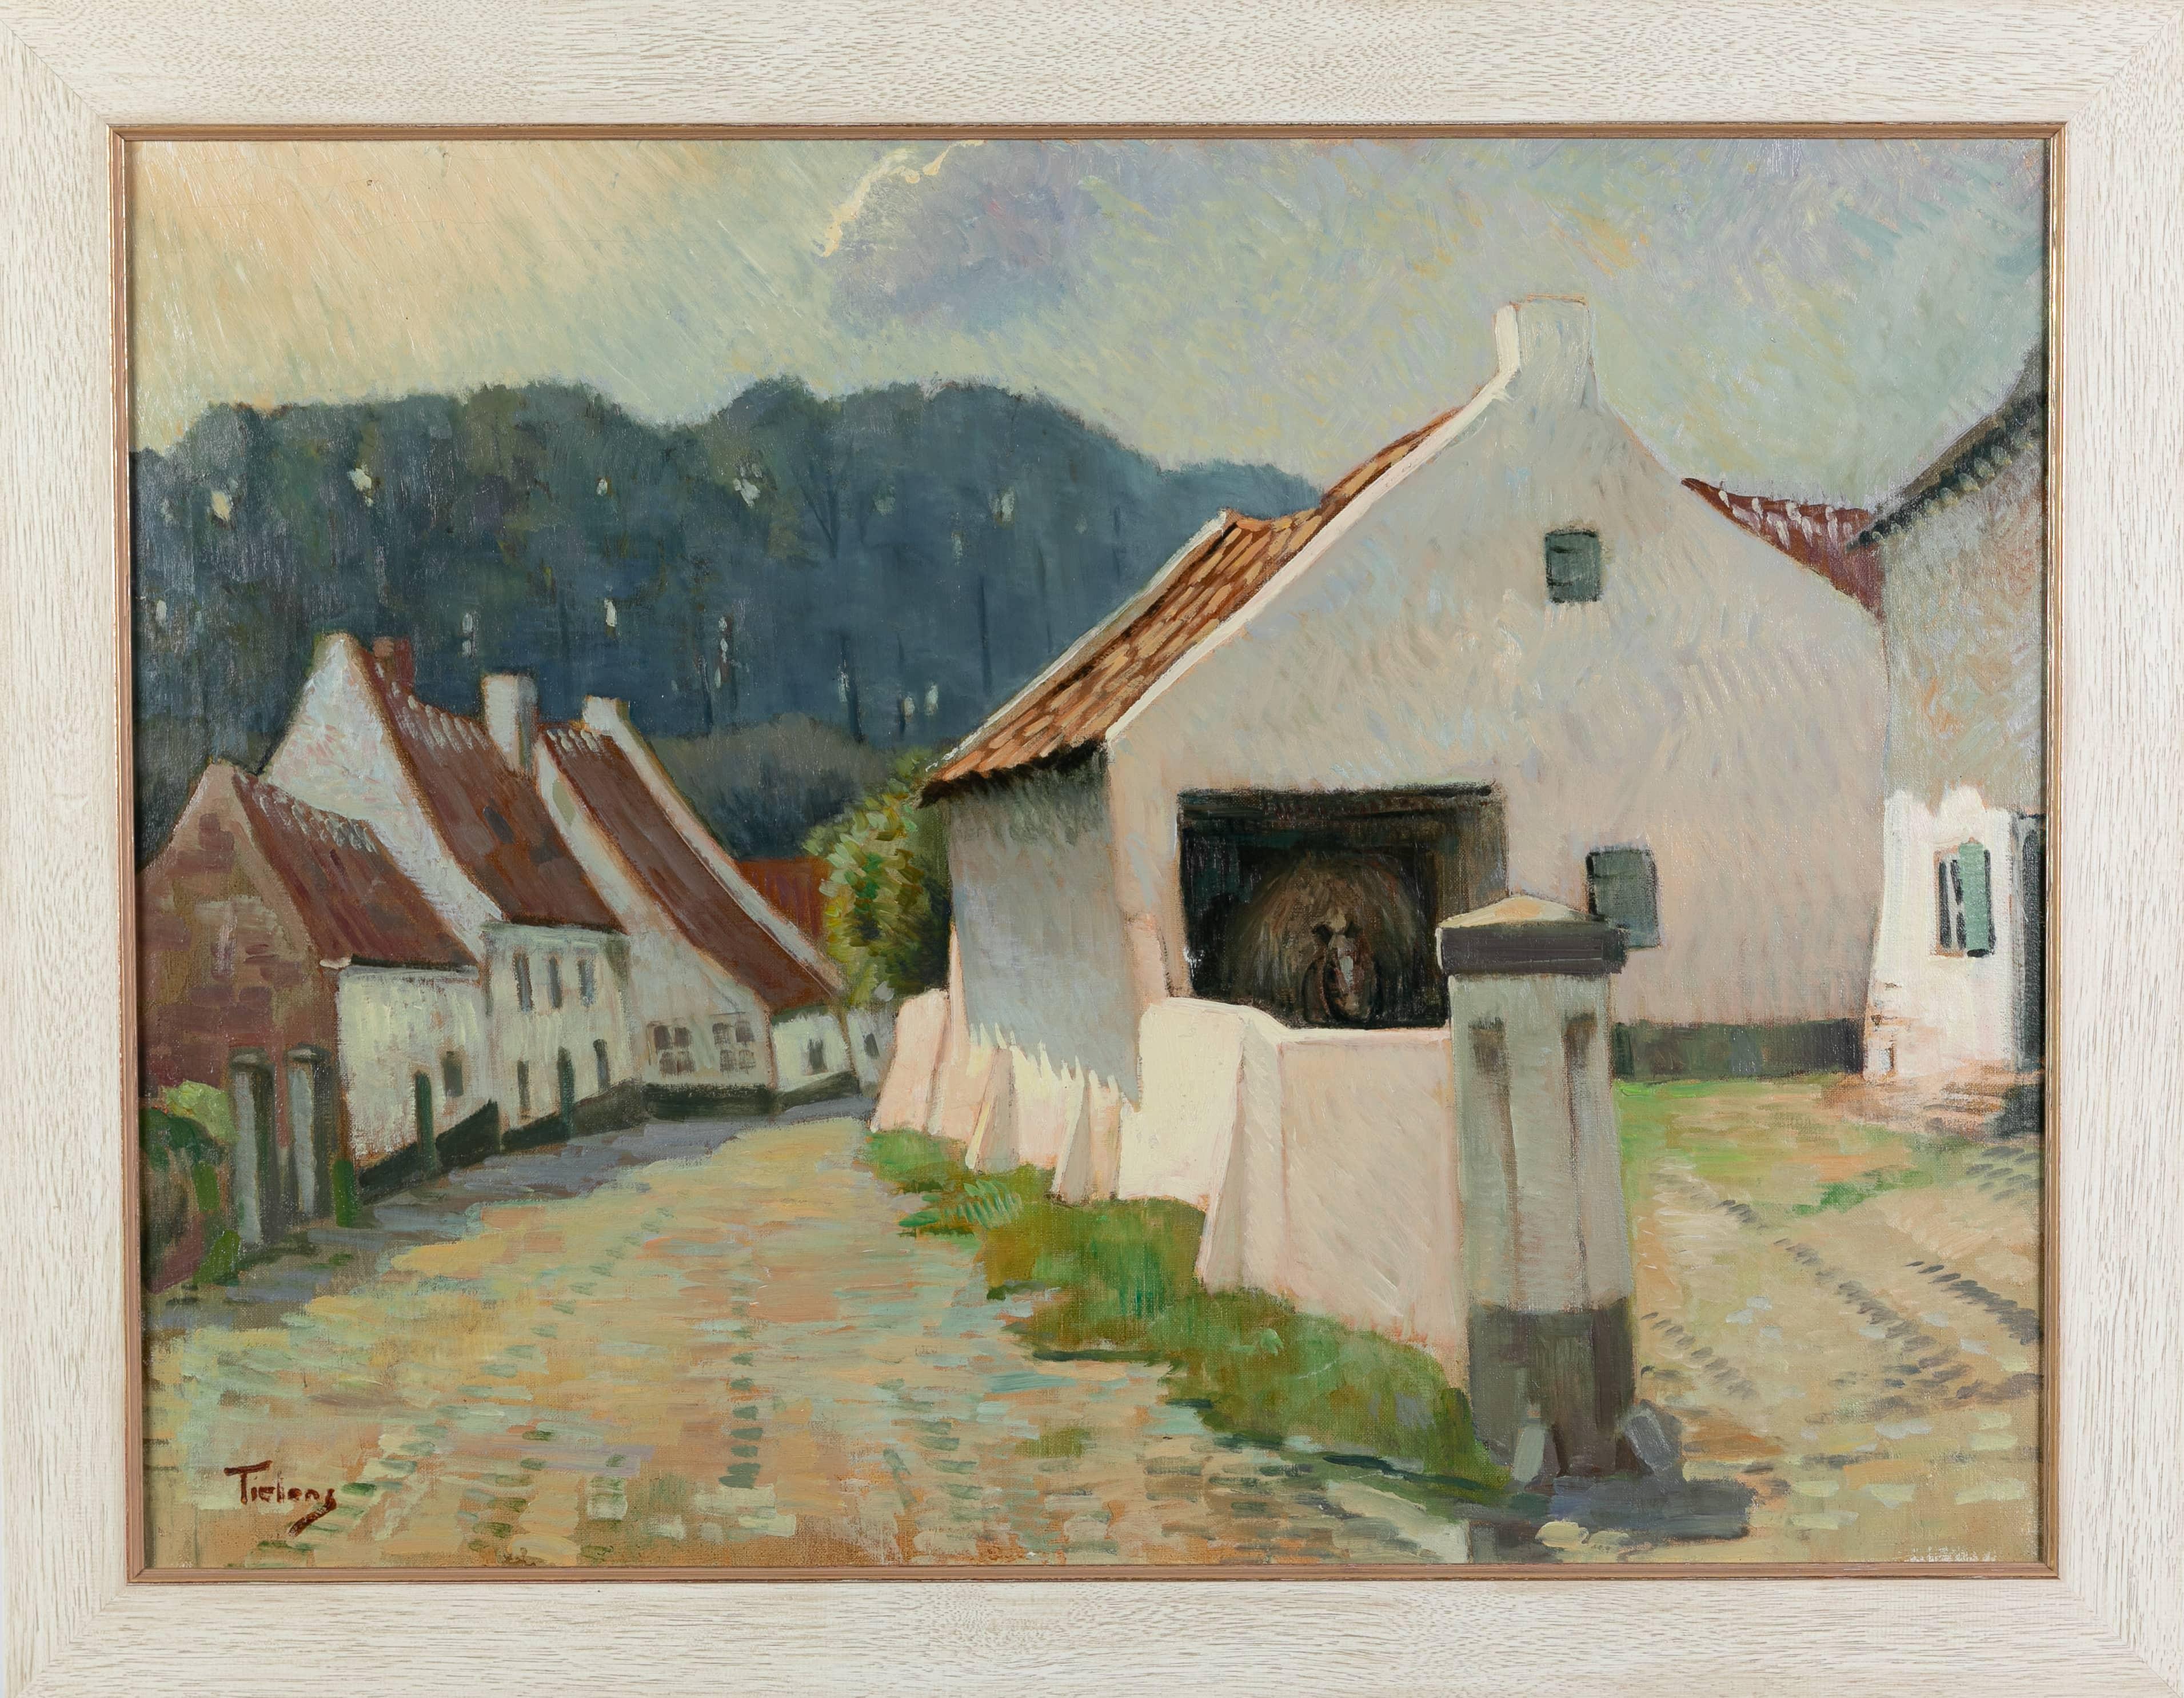 Beekstraat Thorn - George Tielens - olieverf op doek, 78 x 58 cm